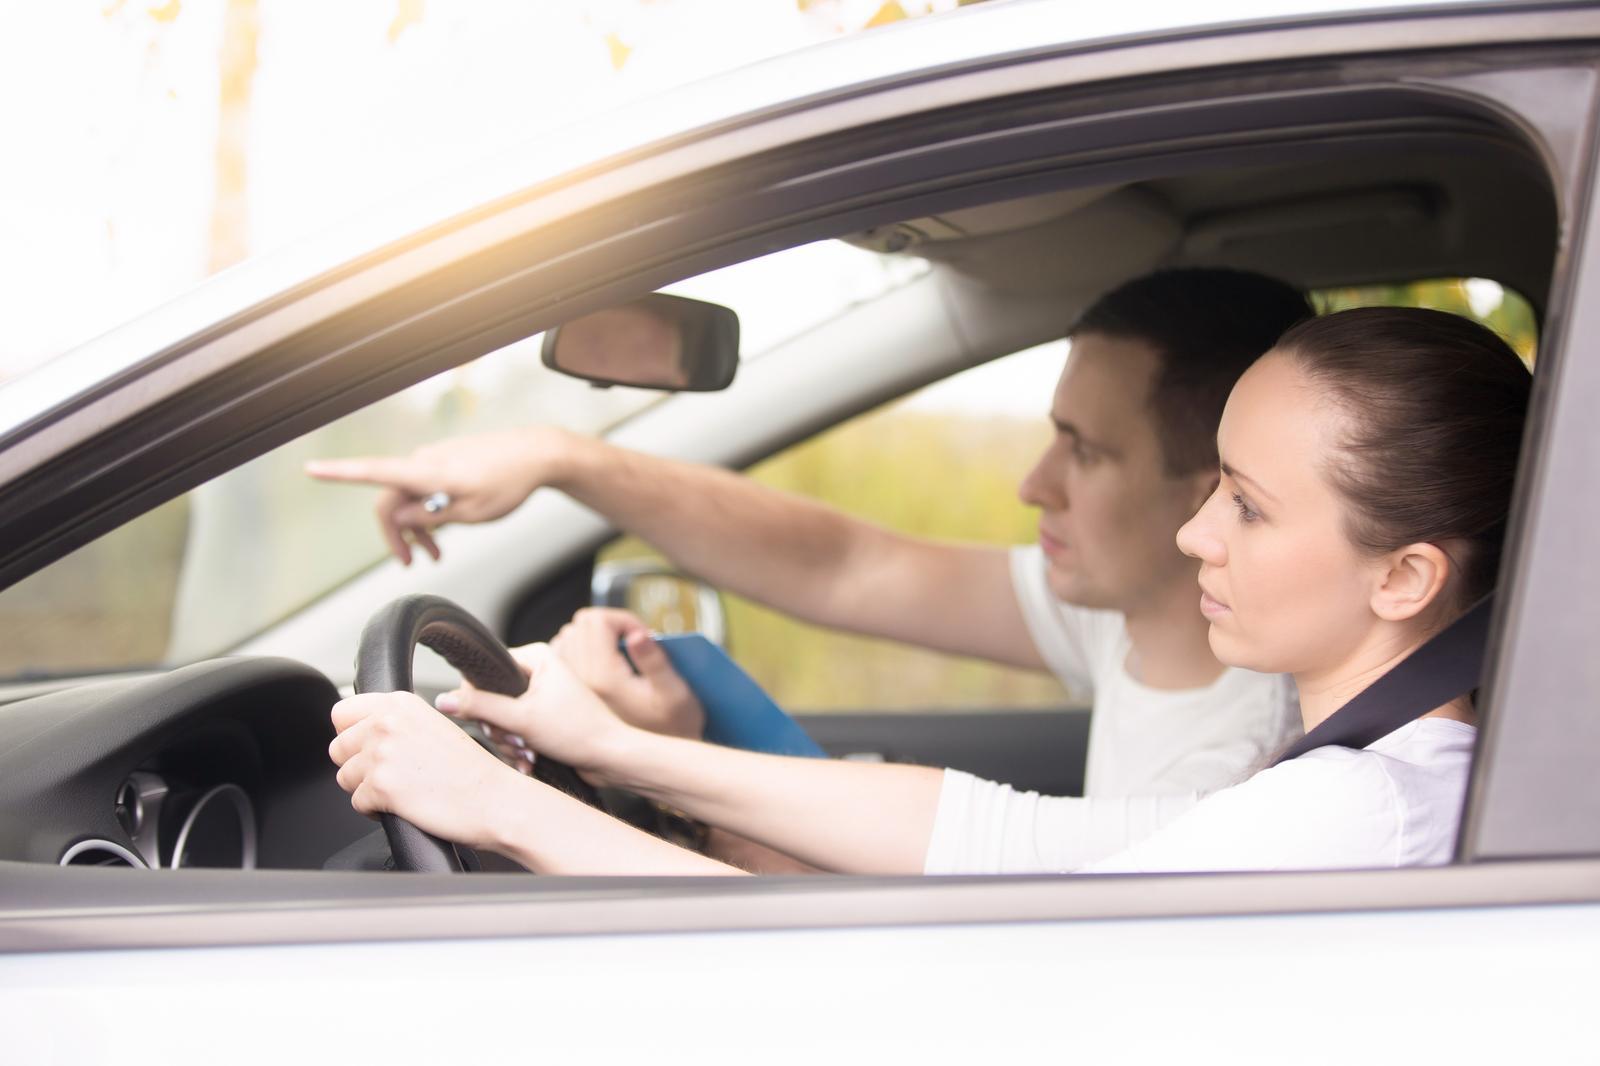 Driving school activities in Tartu